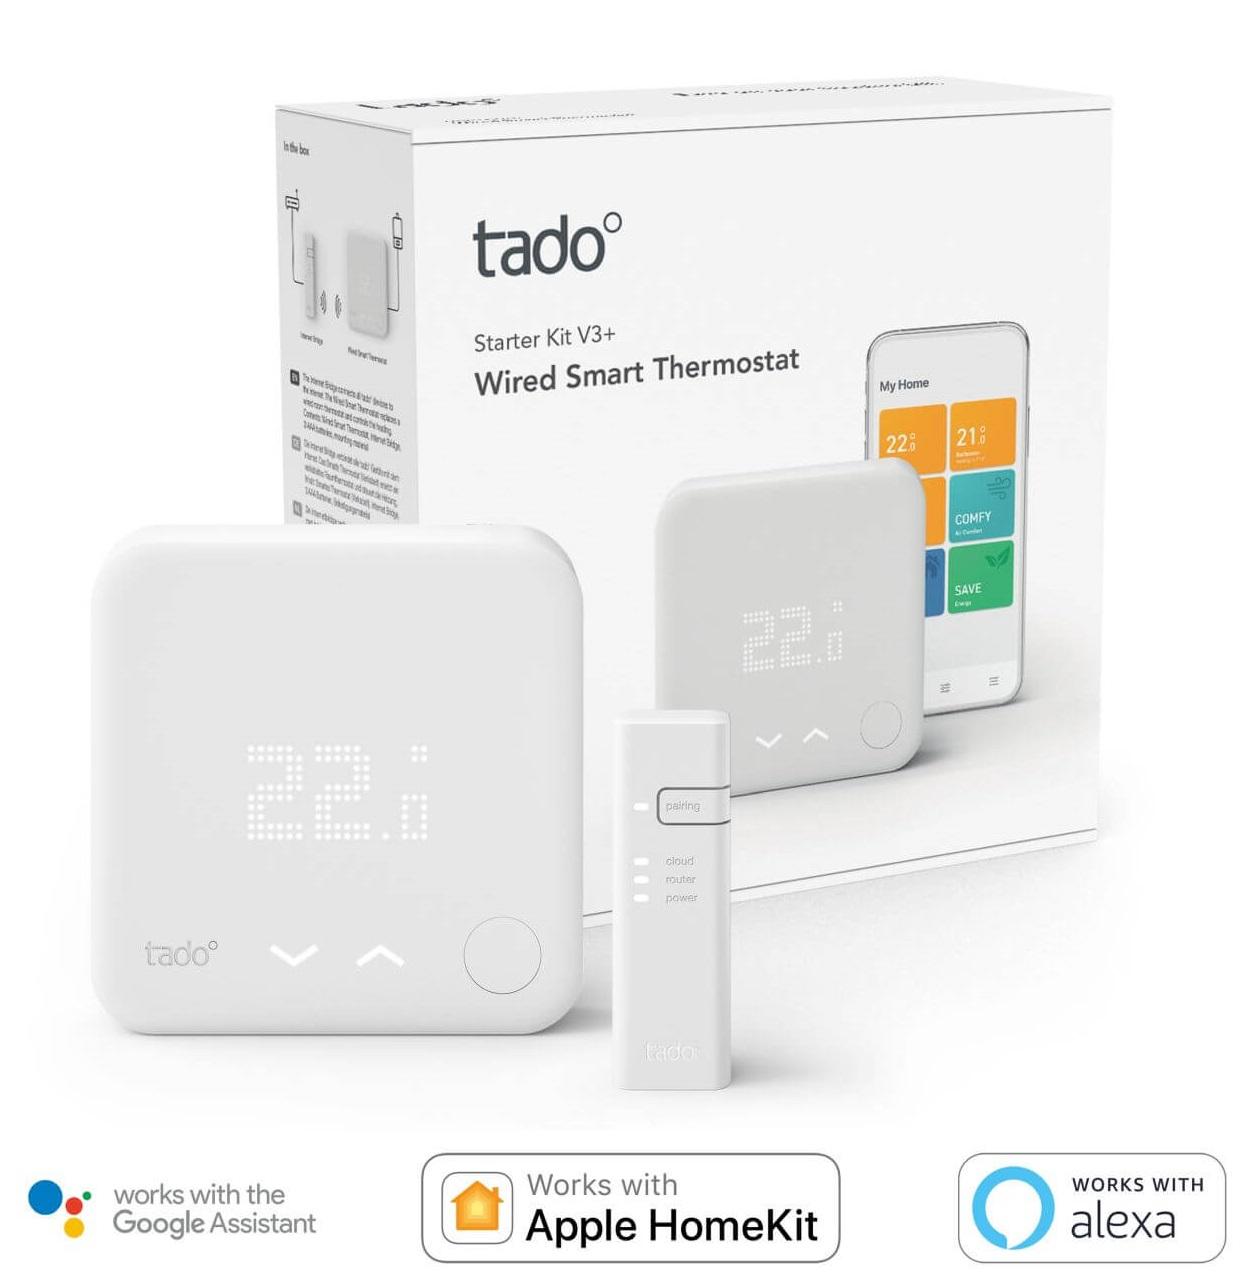 tado° Smartes Thermostat Starter Set V3+ verkabelt für Wohnungen mit Raumthermostat Fußbodenheizung